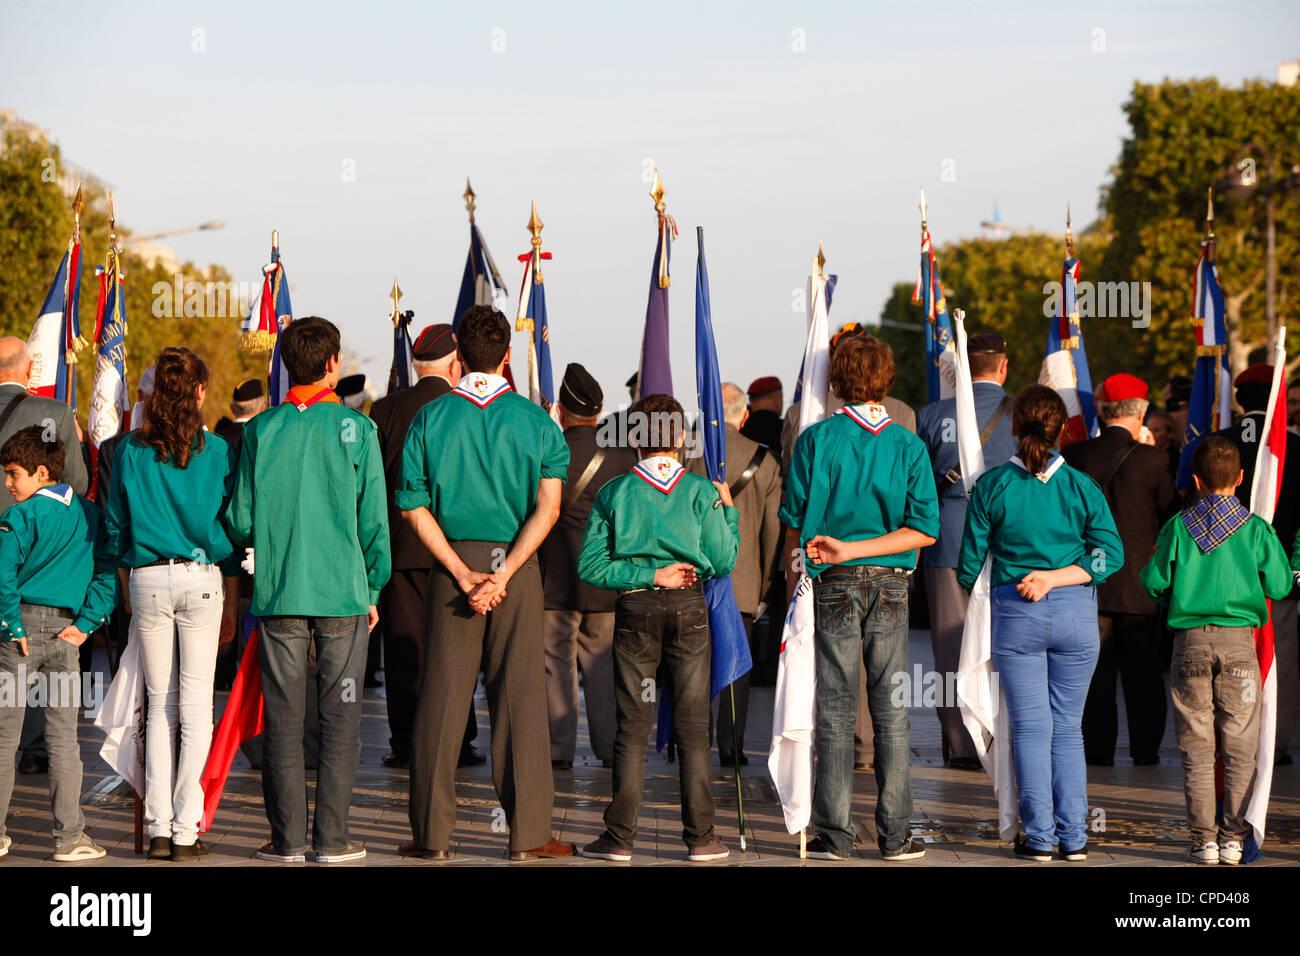 Muslim Scouts en el Arco de Triunfo, París, Francia, Europa Imagen De Stock